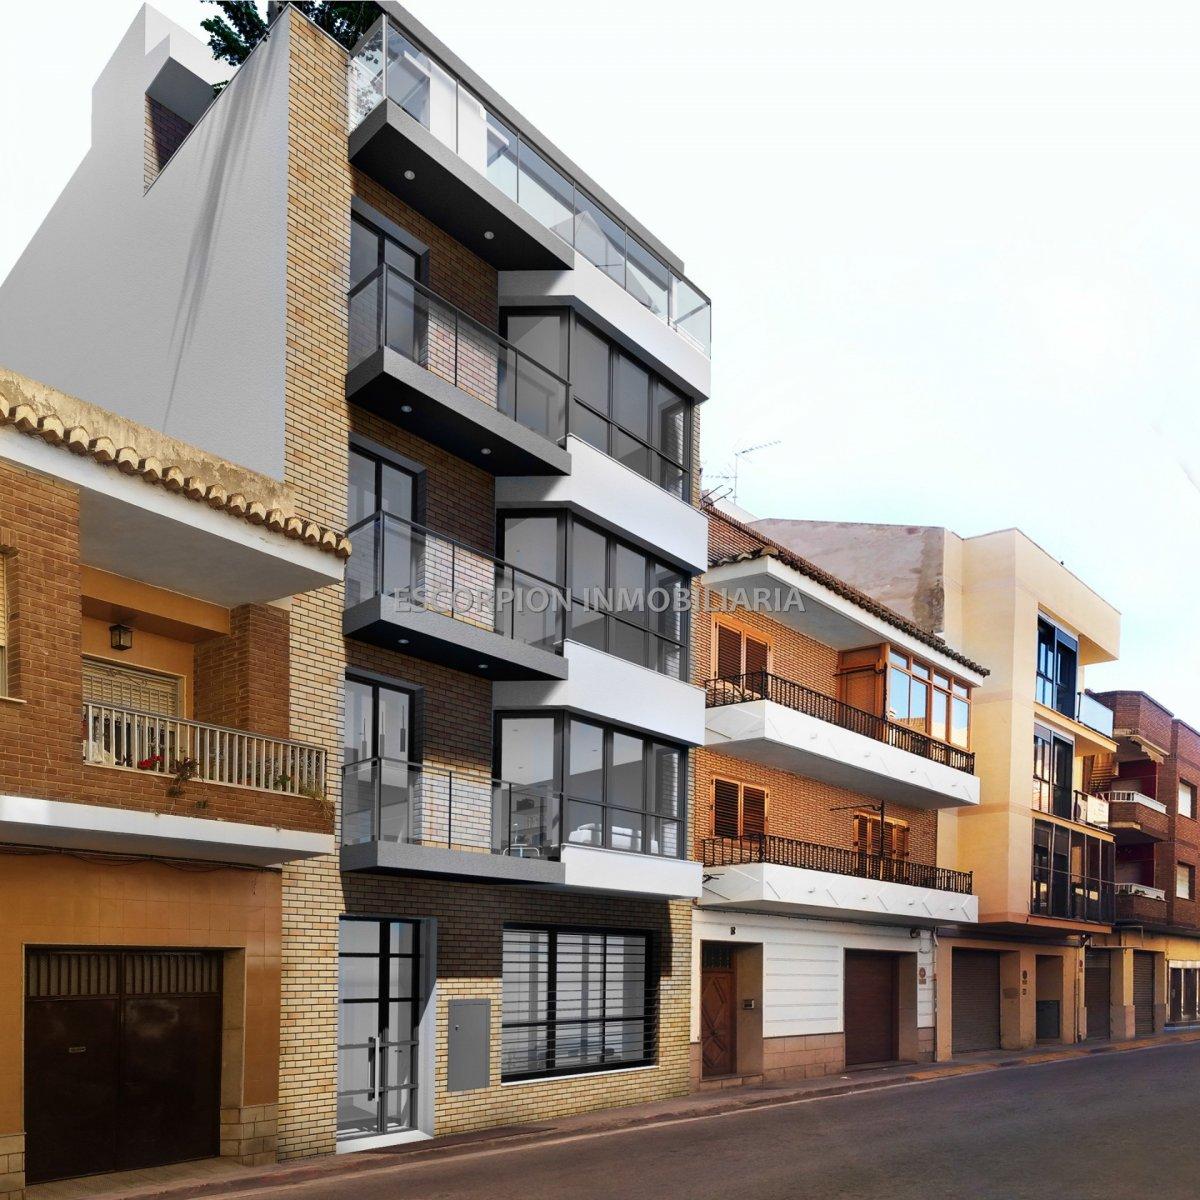 Promoción de pisos de obra nueva en Bétera pueblo